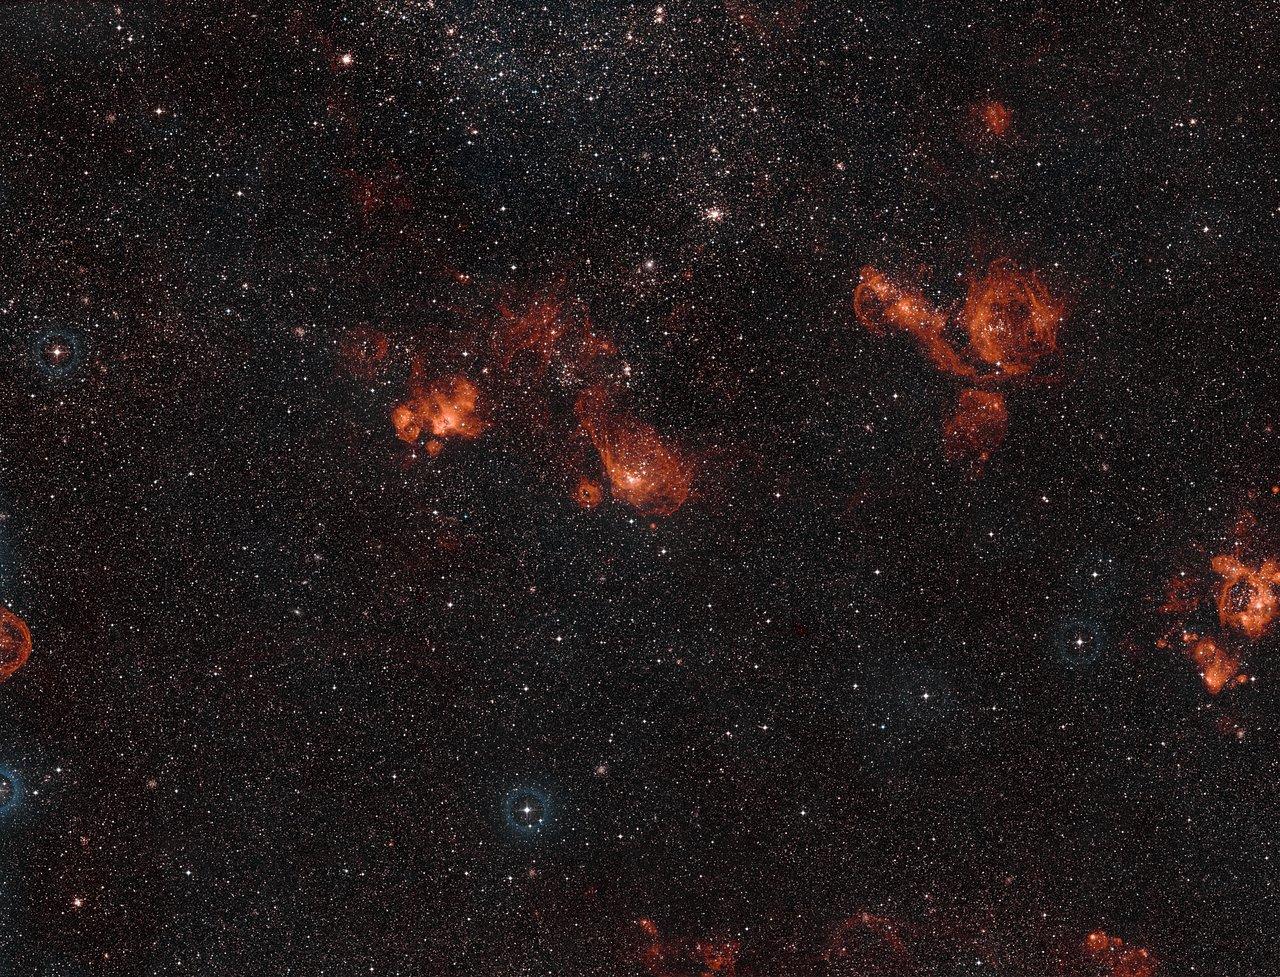 Vue à grand champ de NGC 2014 et NGC 2020 dans le Grand Nuage de Magellan